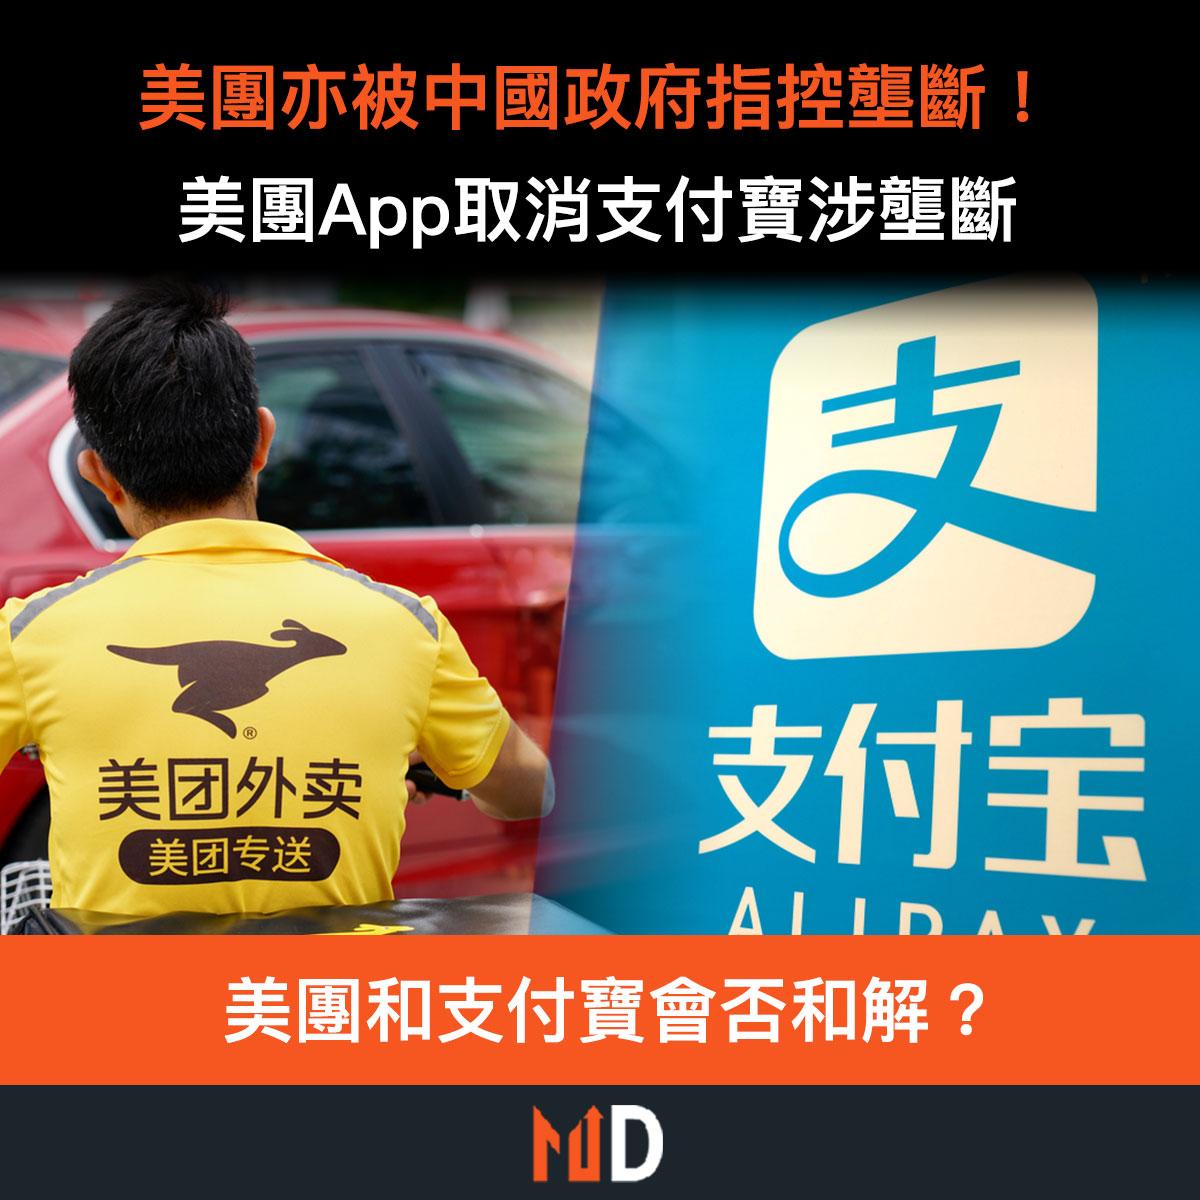 美團被中國政府指控壟斷